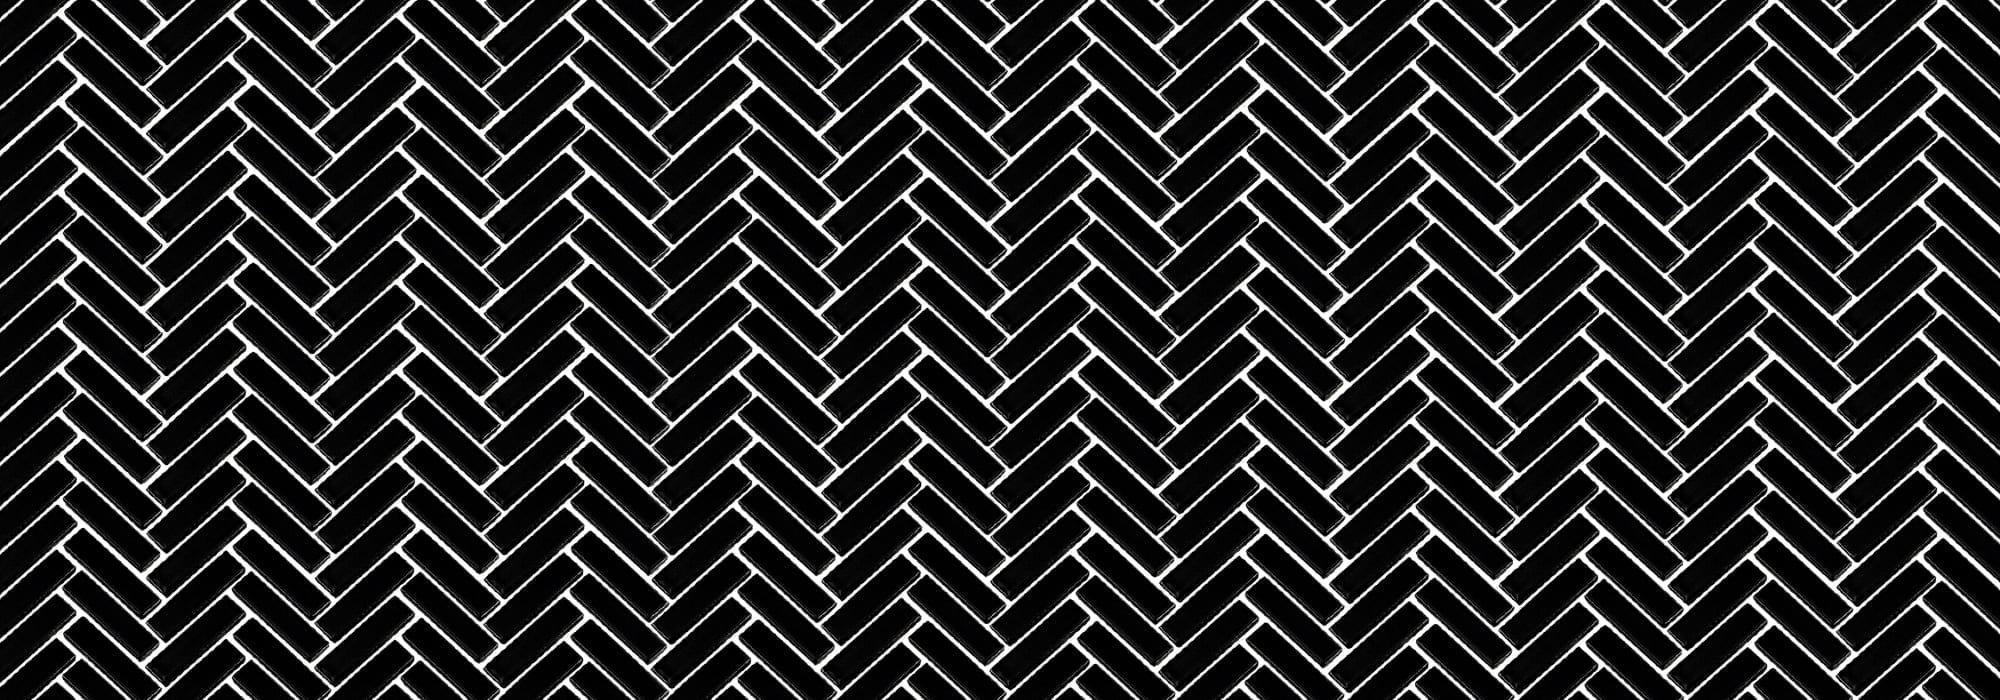 פסיפס פורצלן הרינגבון שחור מבריק 0.6*4.8*1.2 (27.7*28.3) by Milstone